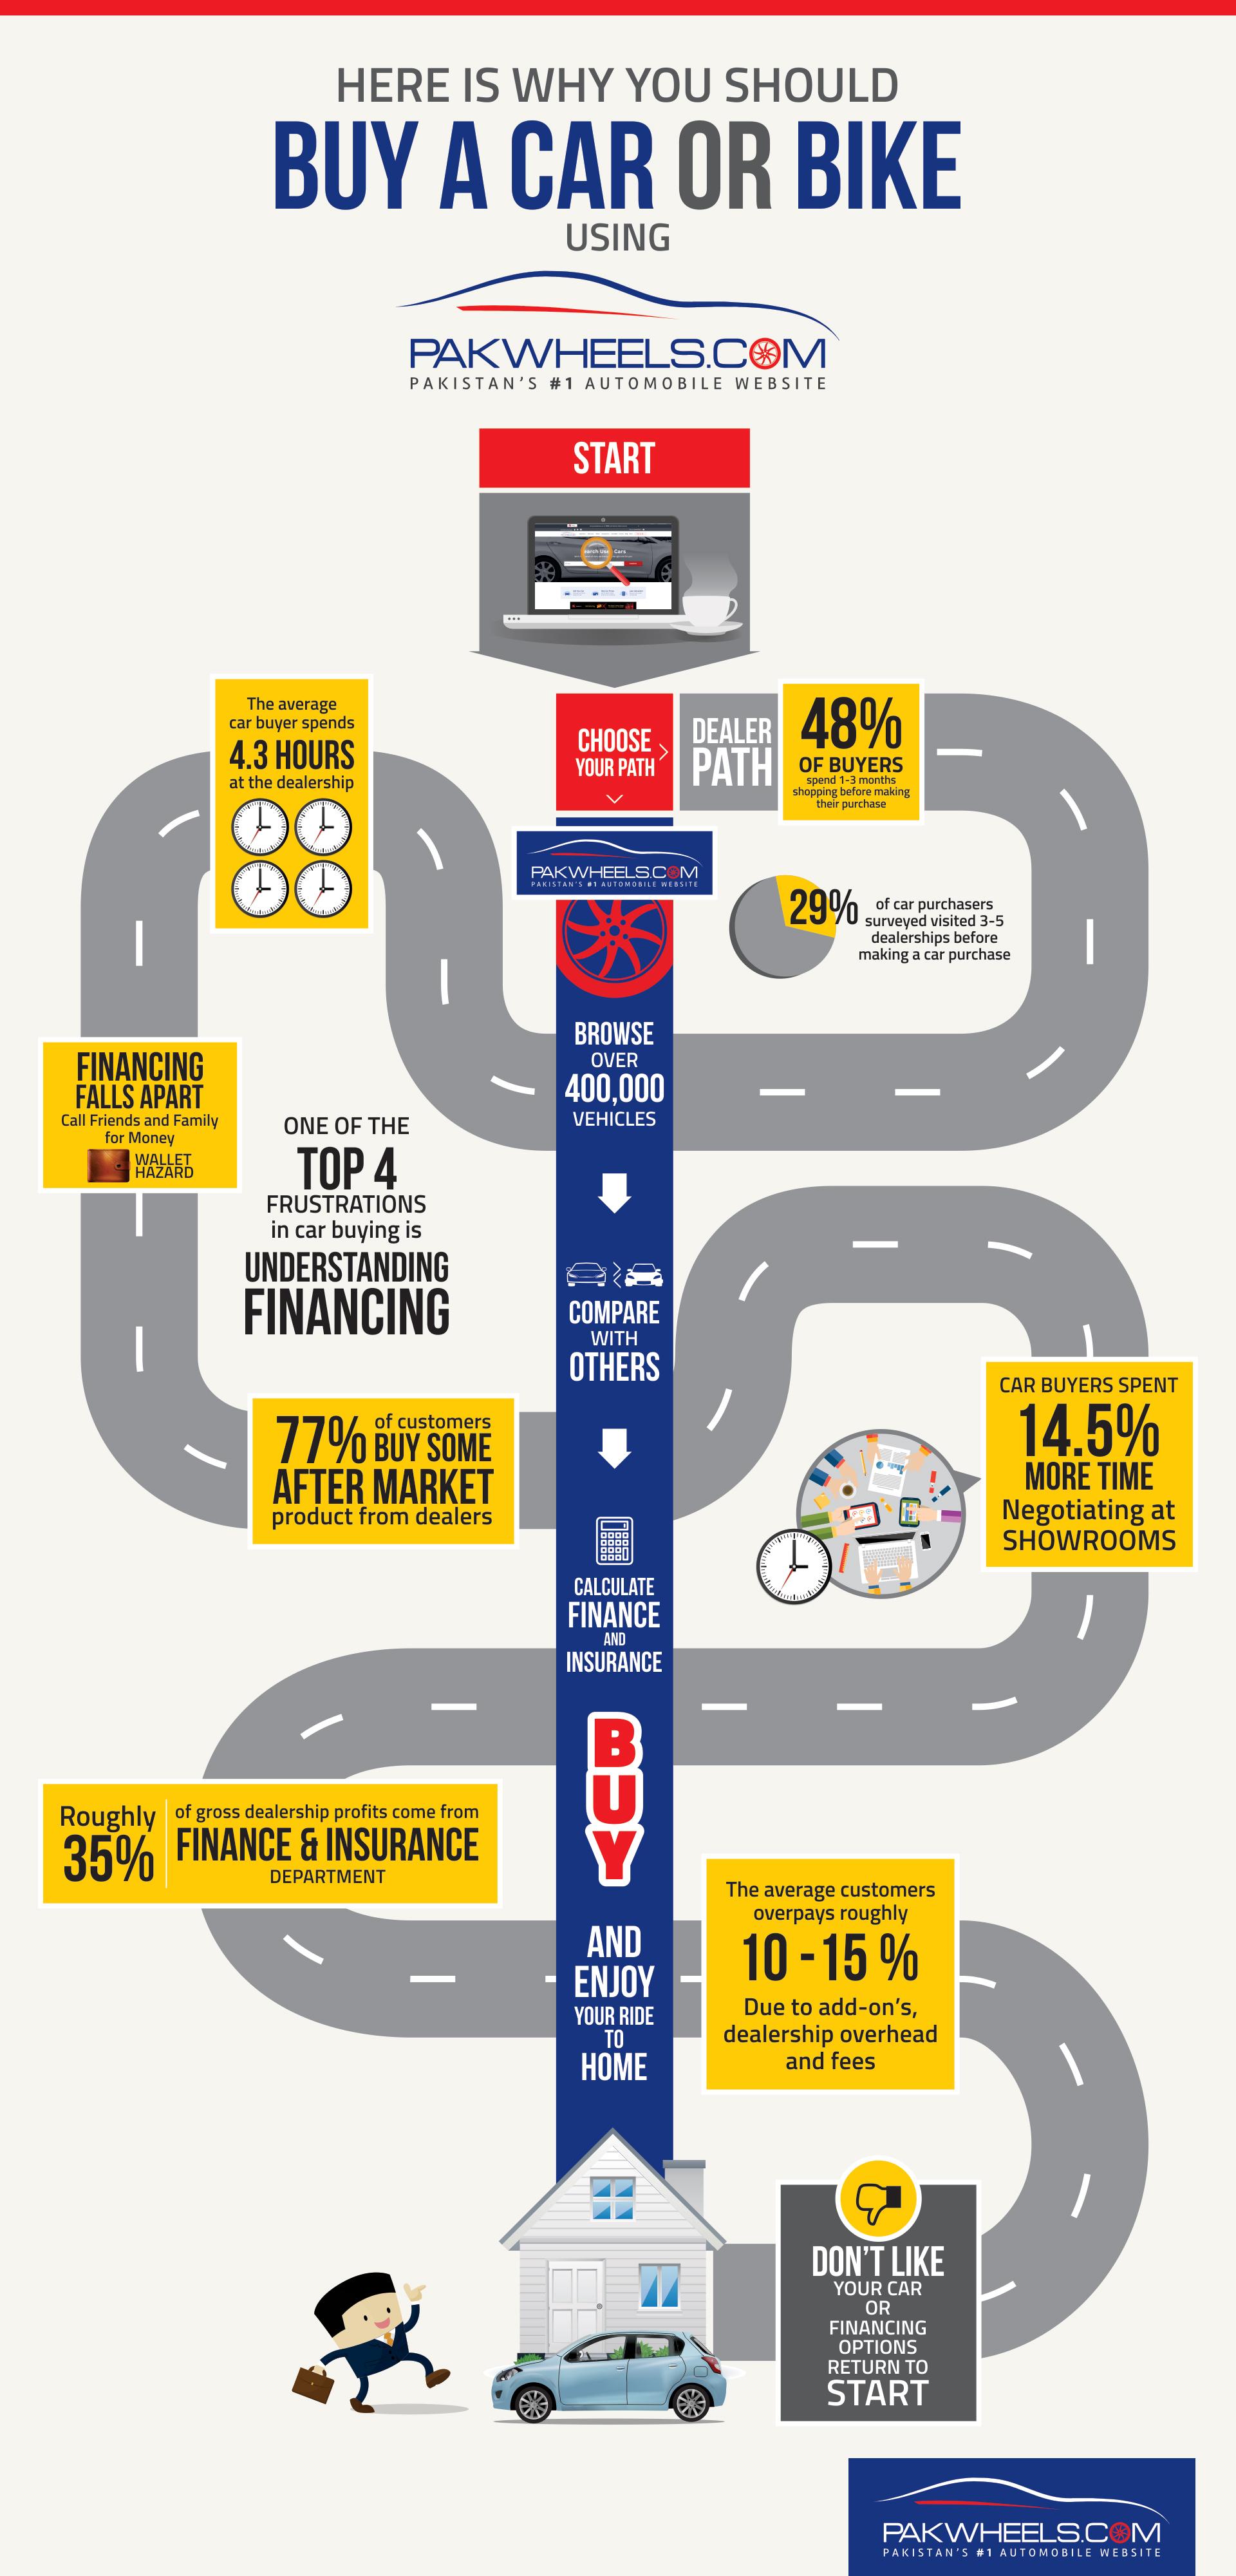 Pakwheels-Car-Buying-Infographic